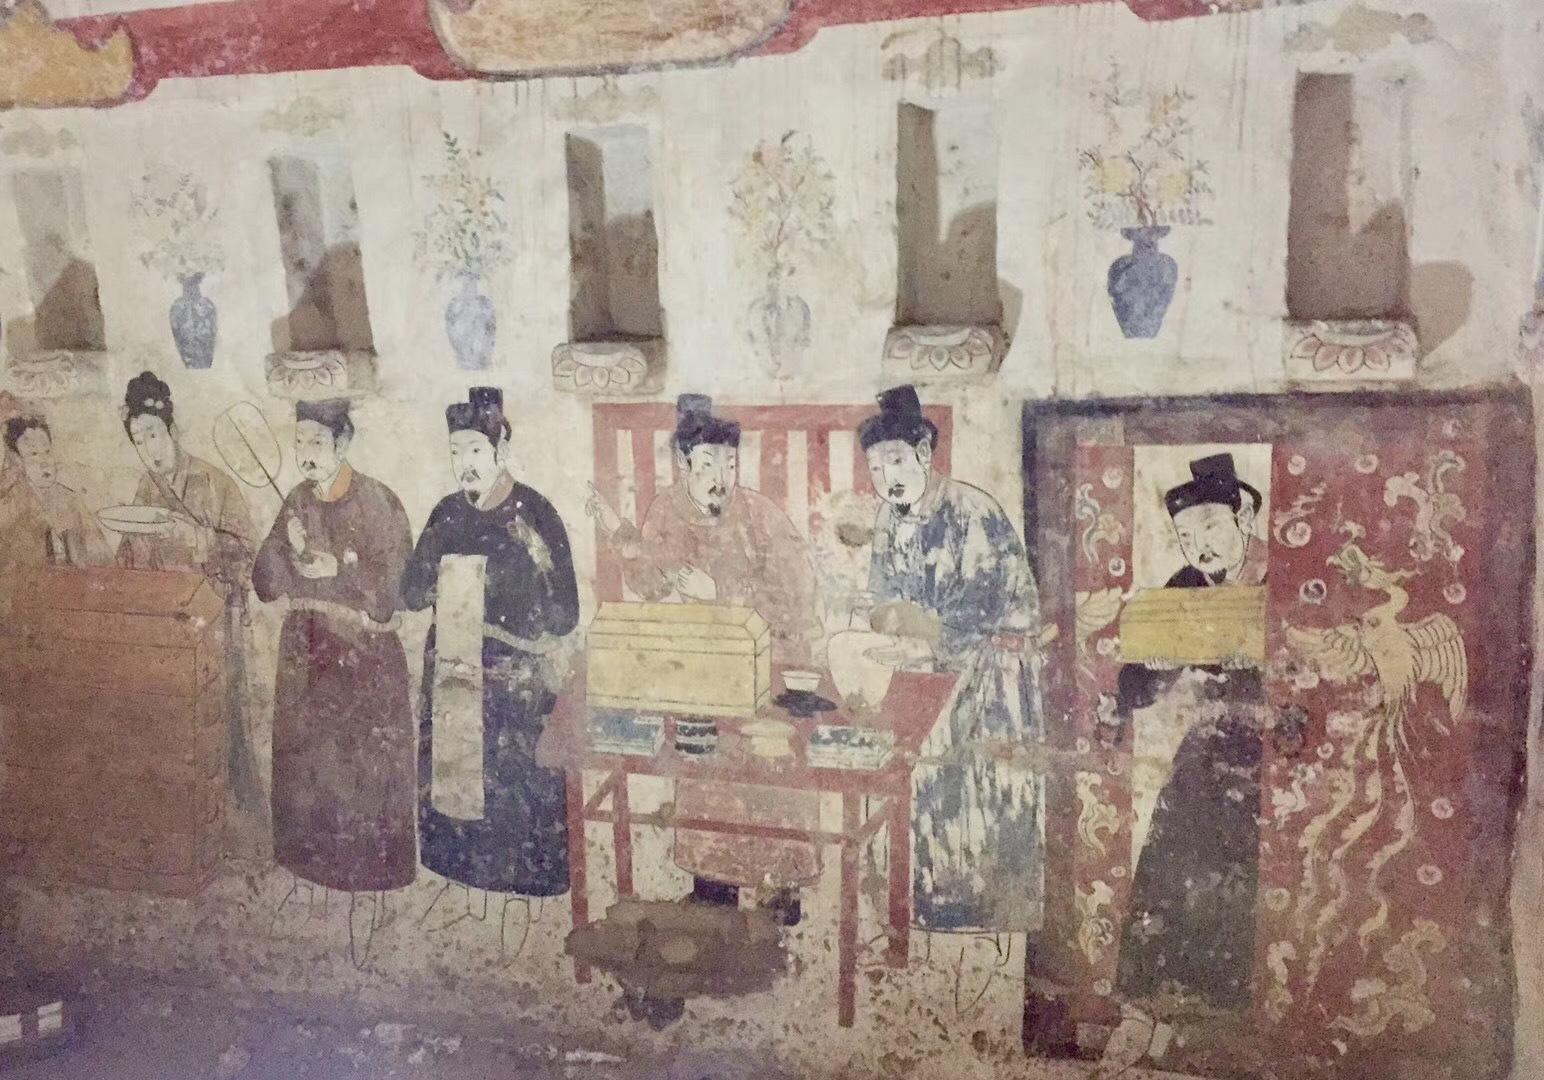 以宣化辽墓壁画为中心的分茶研究 - 小组讨论 - 豆瓣